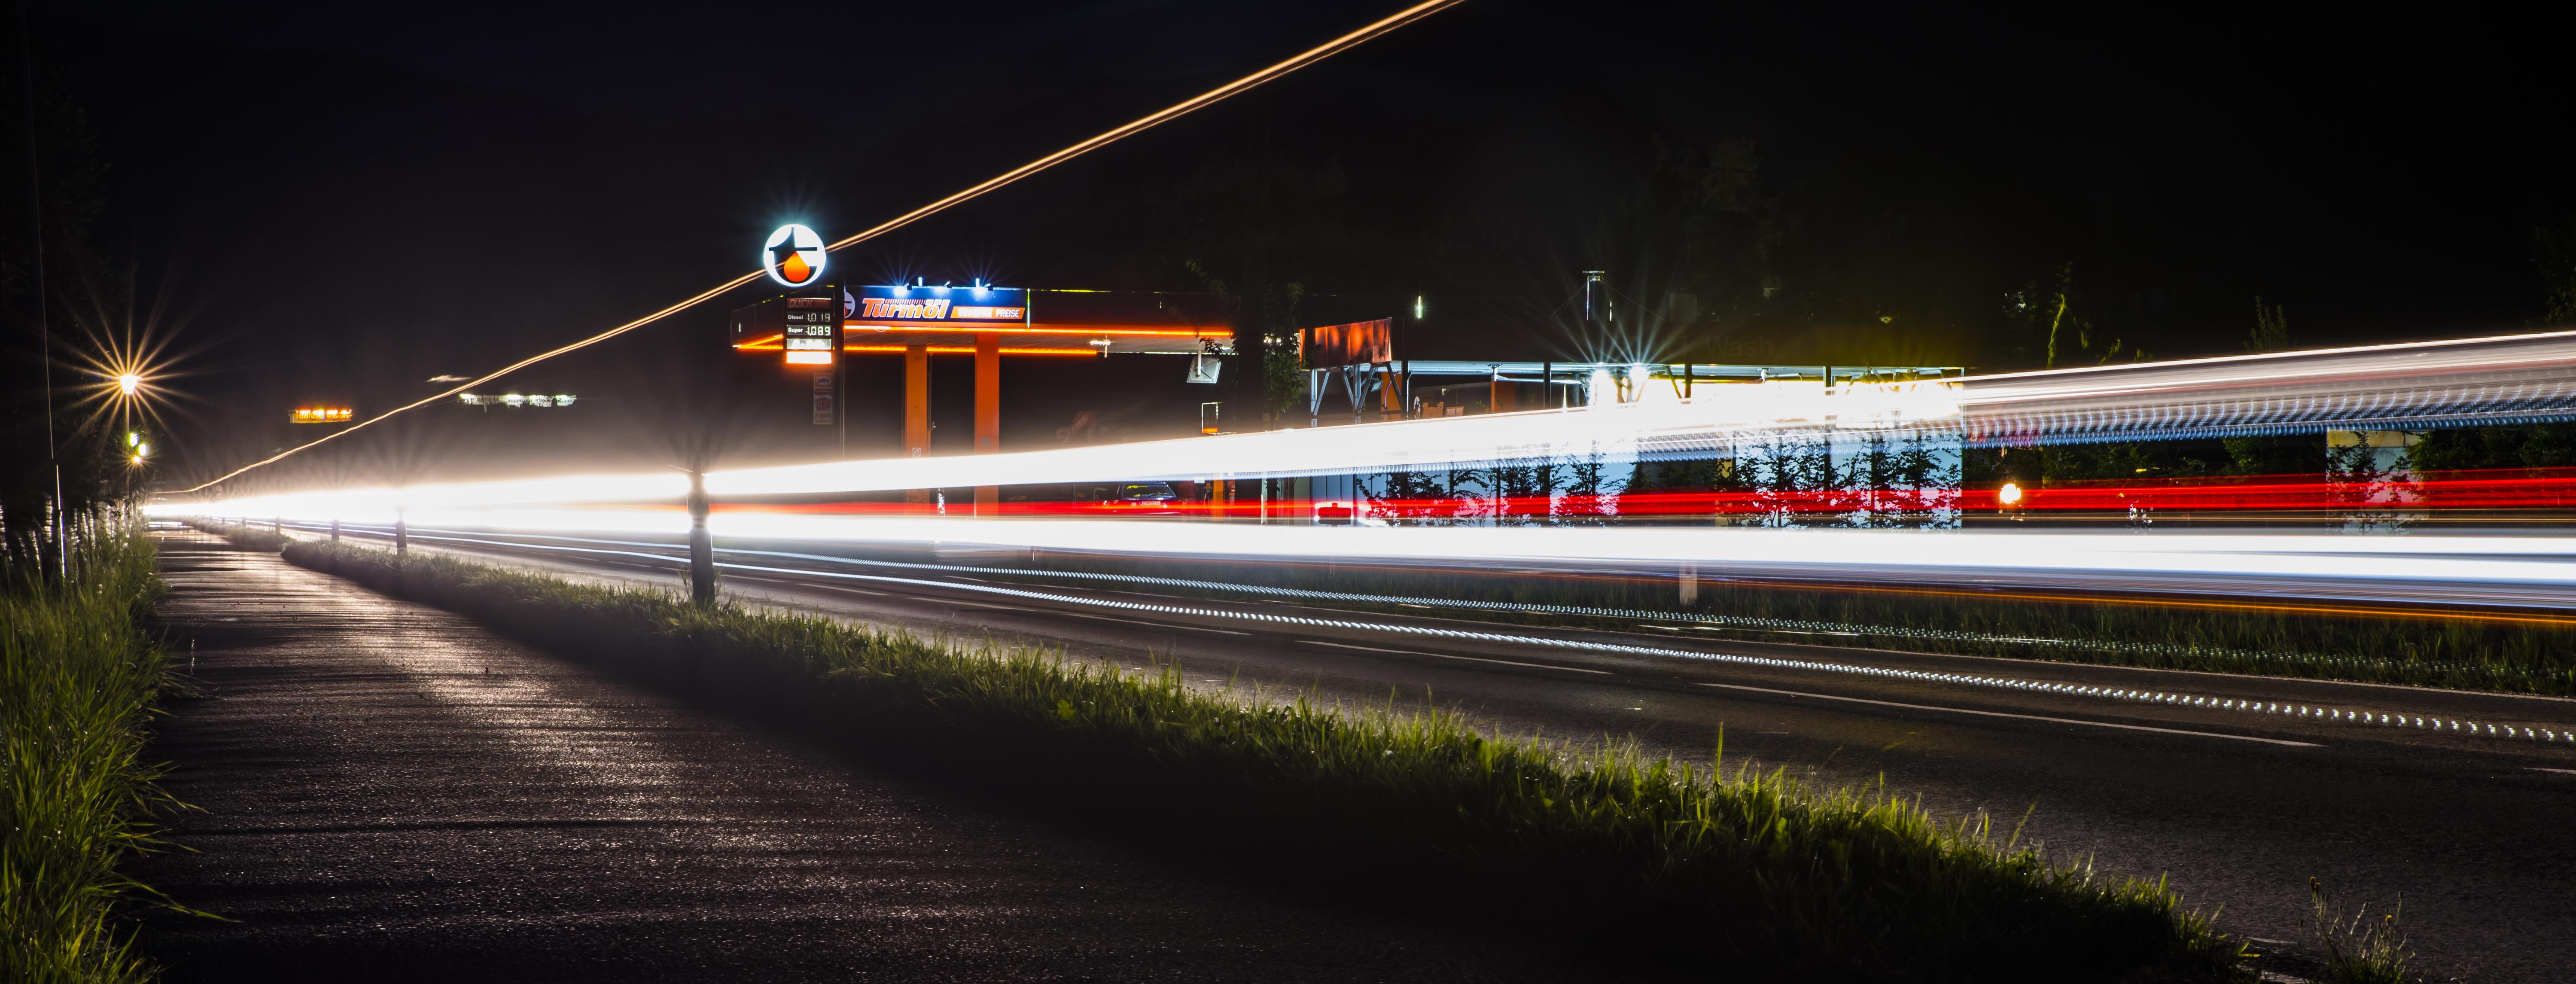 Tankstelle_Nacht